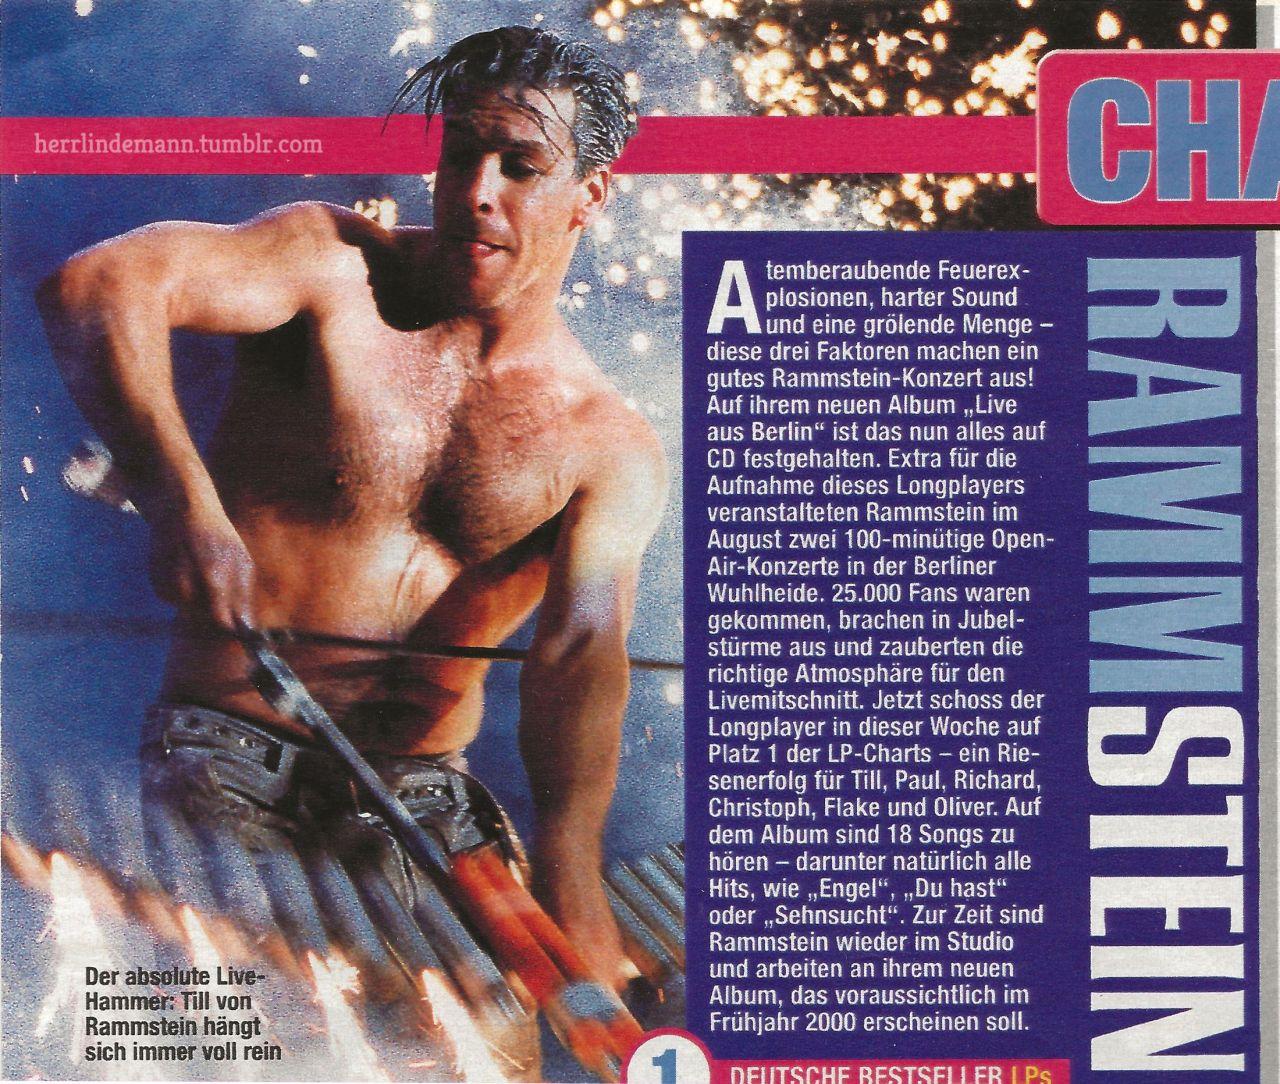 Deutsche Bestseller : Rammstein - Live Aus Berlin. #Rammstein#Till Lindemann #a boy with his toy #1999#my scans#*